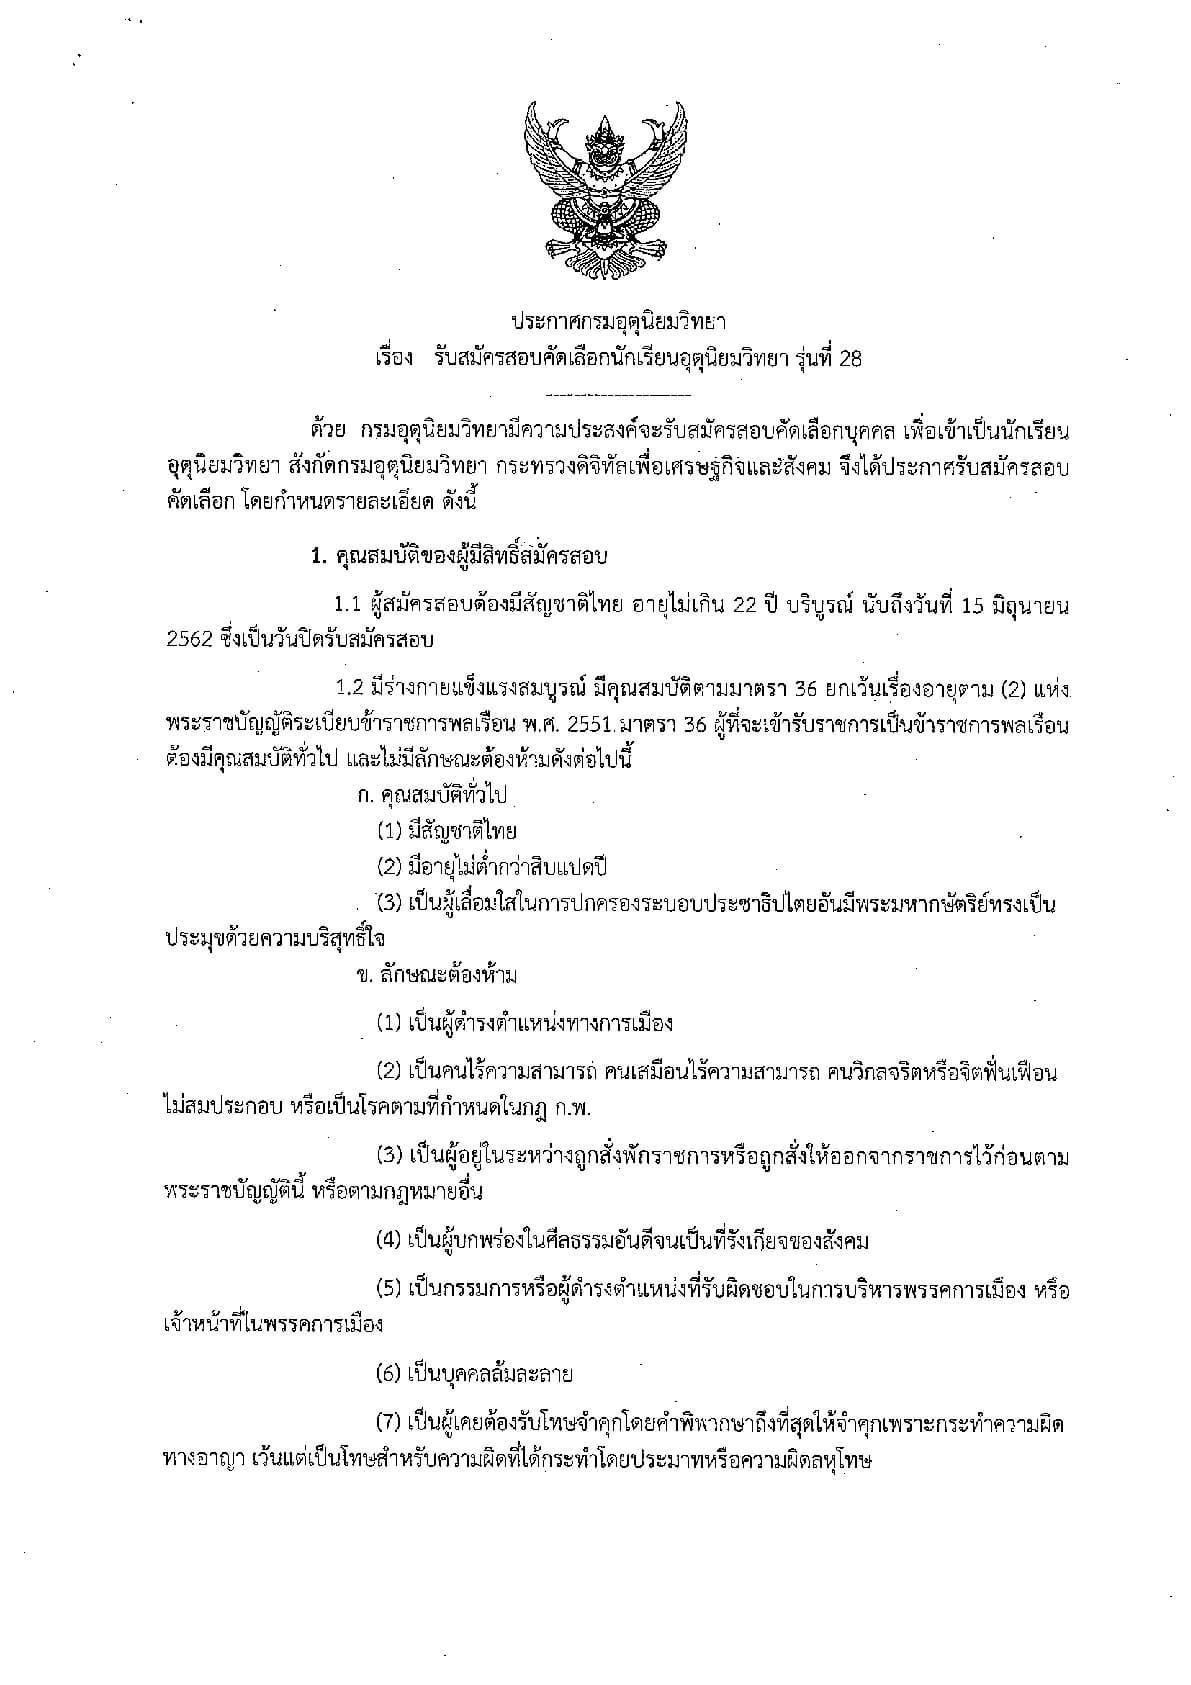 ระเบียบการรับสมัครนักเรียนกรมอุคุนิยมวิทยา รุ่นที่ 28 2562